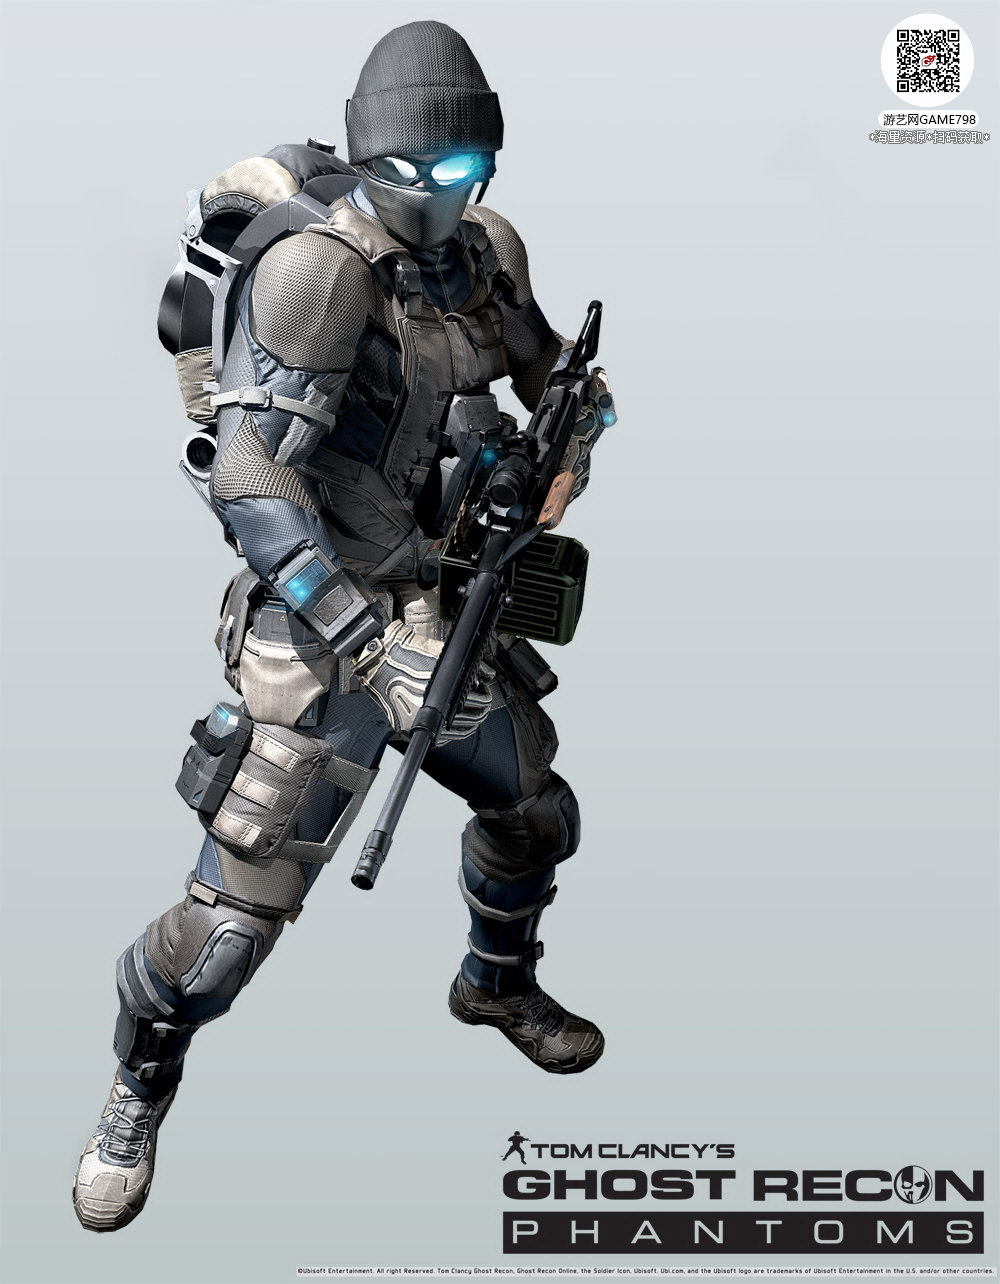 036_关注游艺网公众号获海量资源_幽灵行动未来战士次世代游戏3D模型参考原画概念设定.jpg